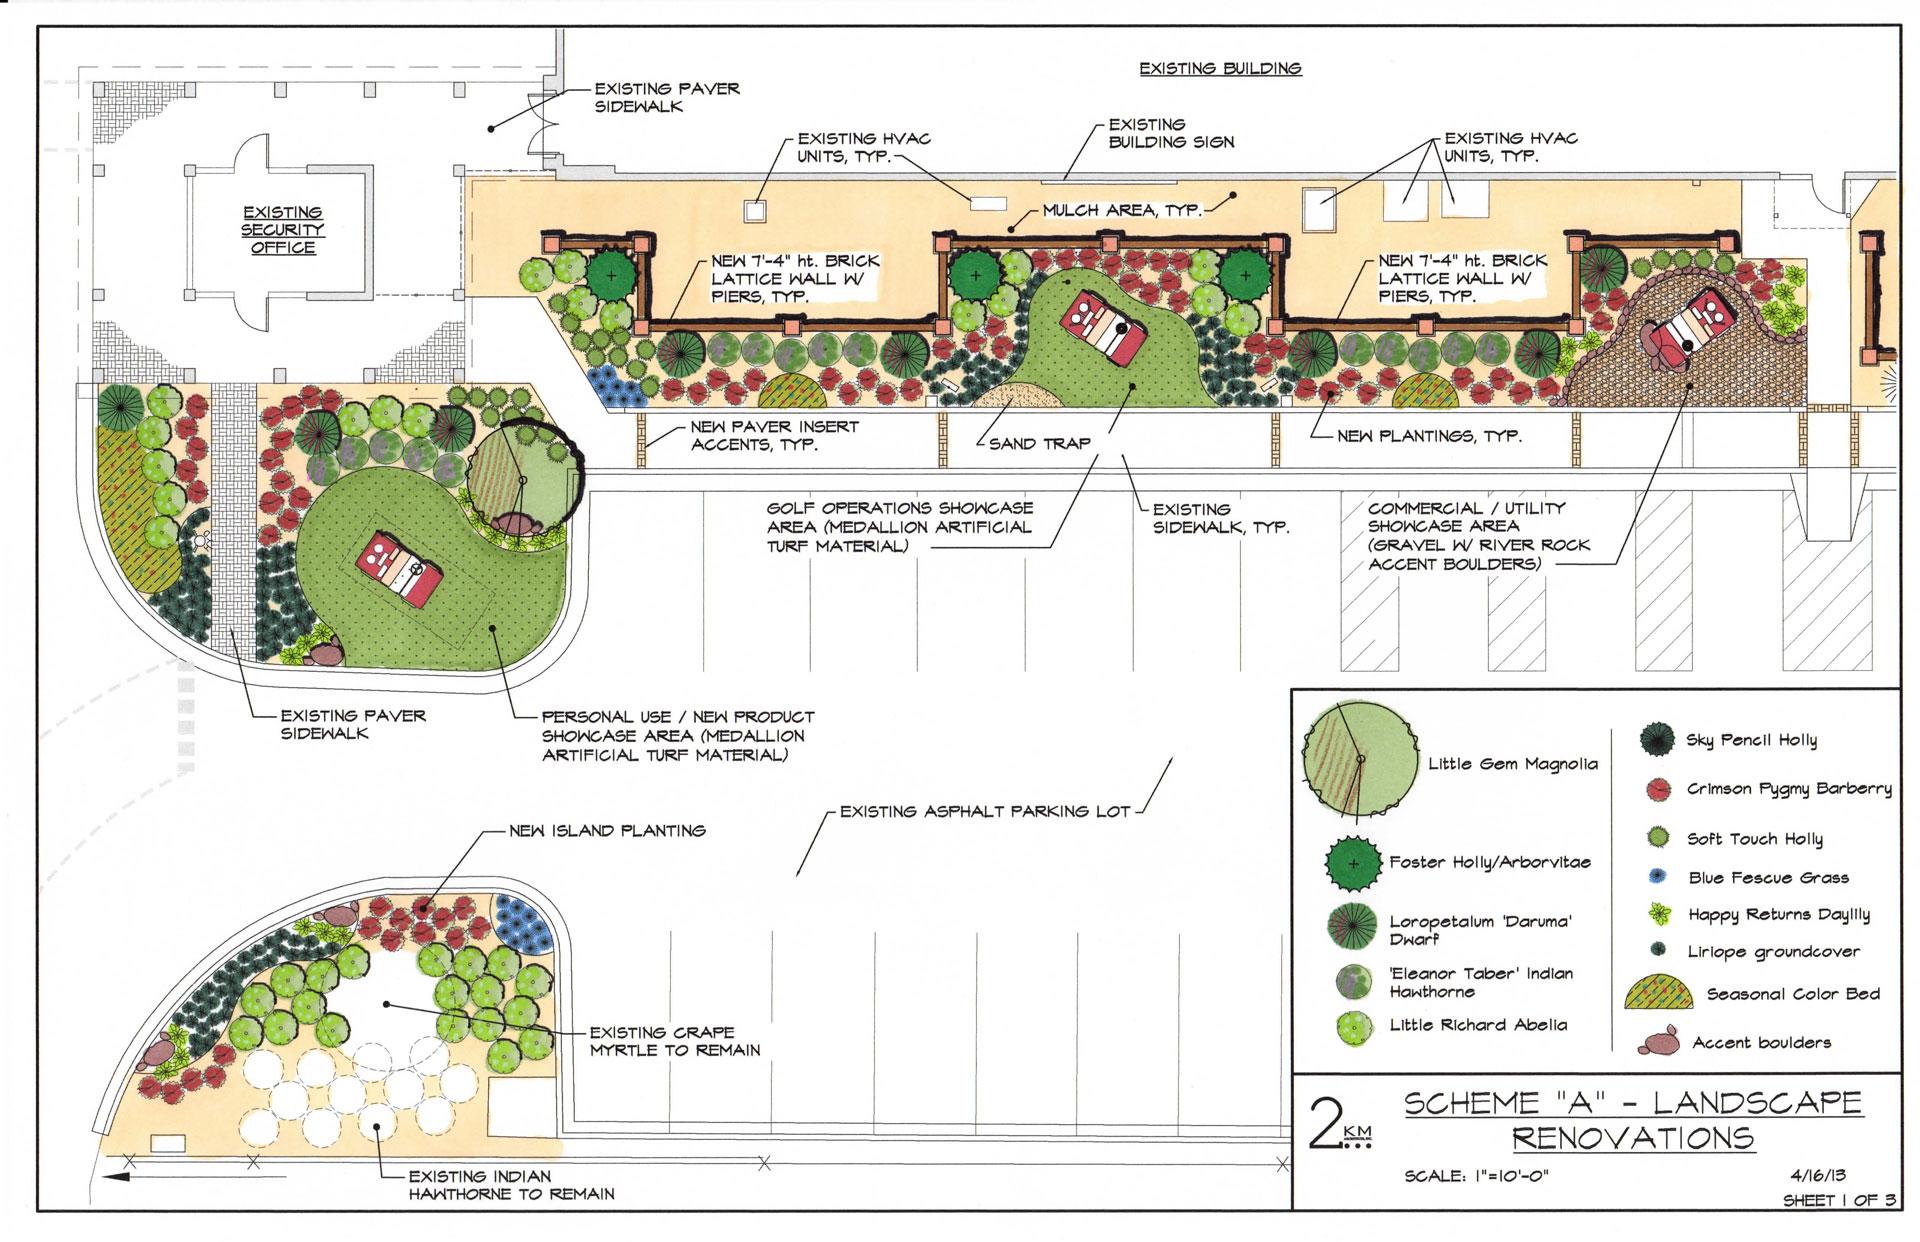 Club-Car-Landscape-Scheme_2013-4-16_Page_1